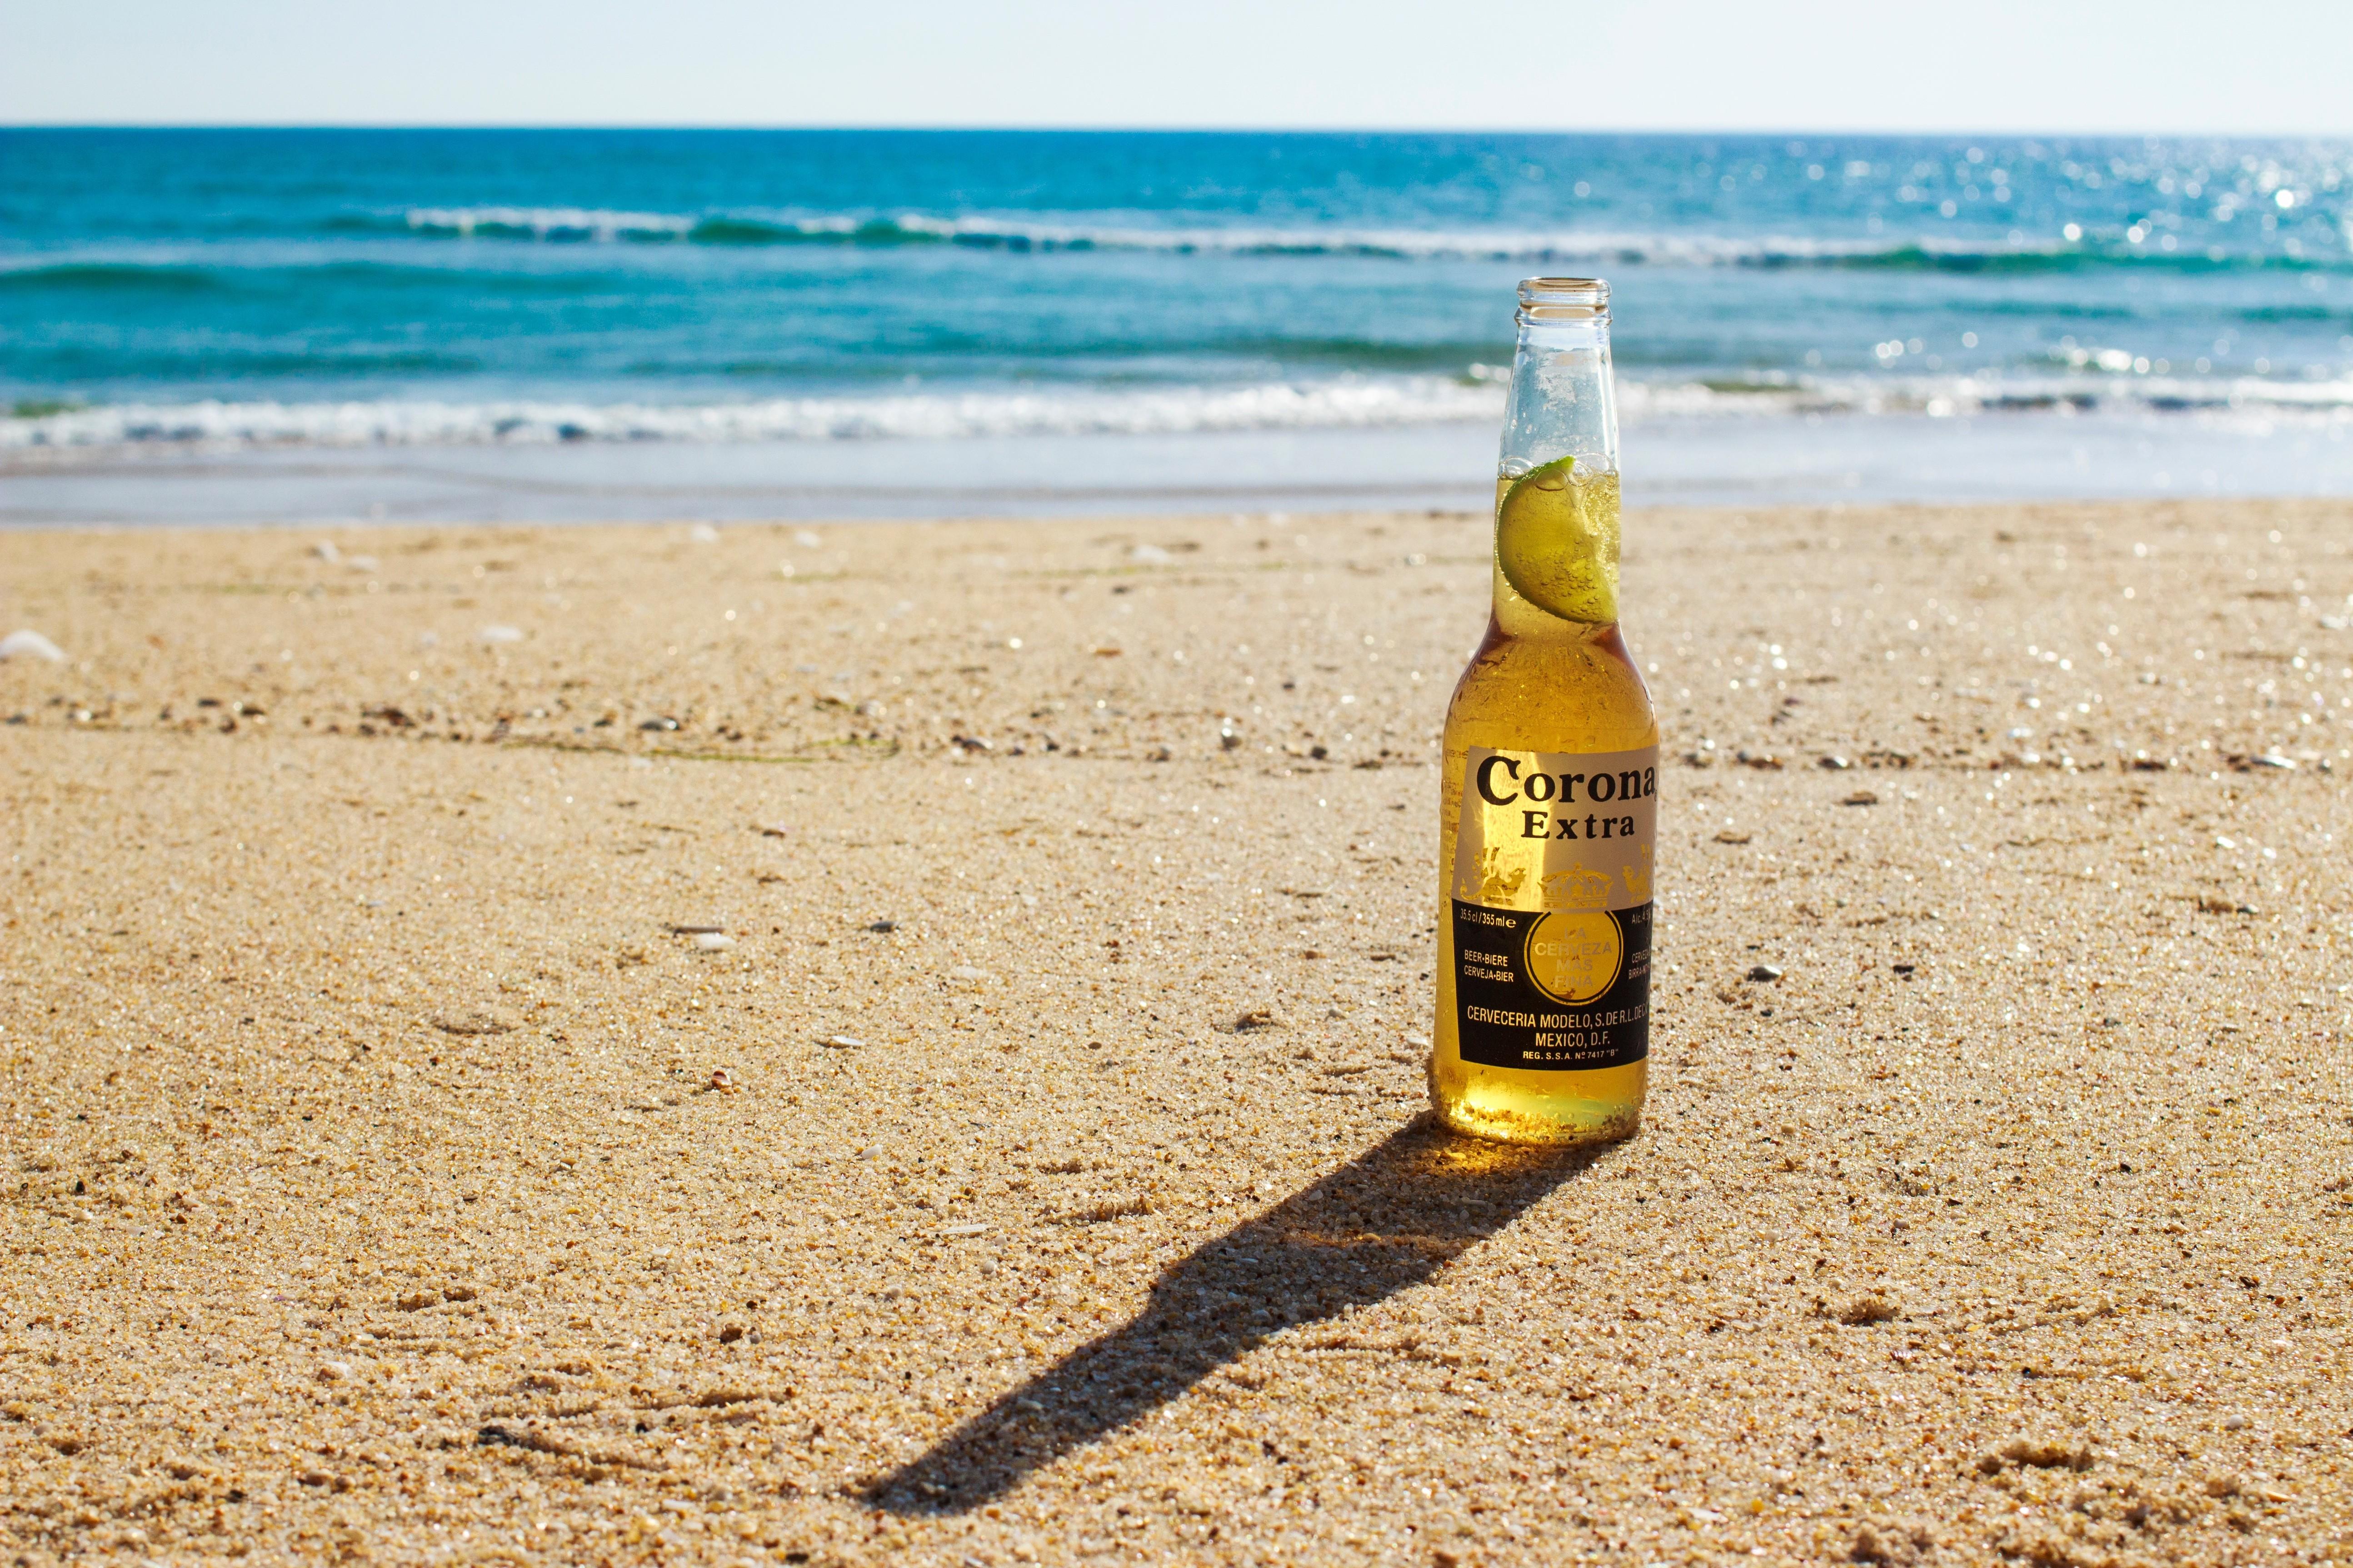 Sfondi Mare Sabbia Spiaggia Bere Birra Corona Bottiglia